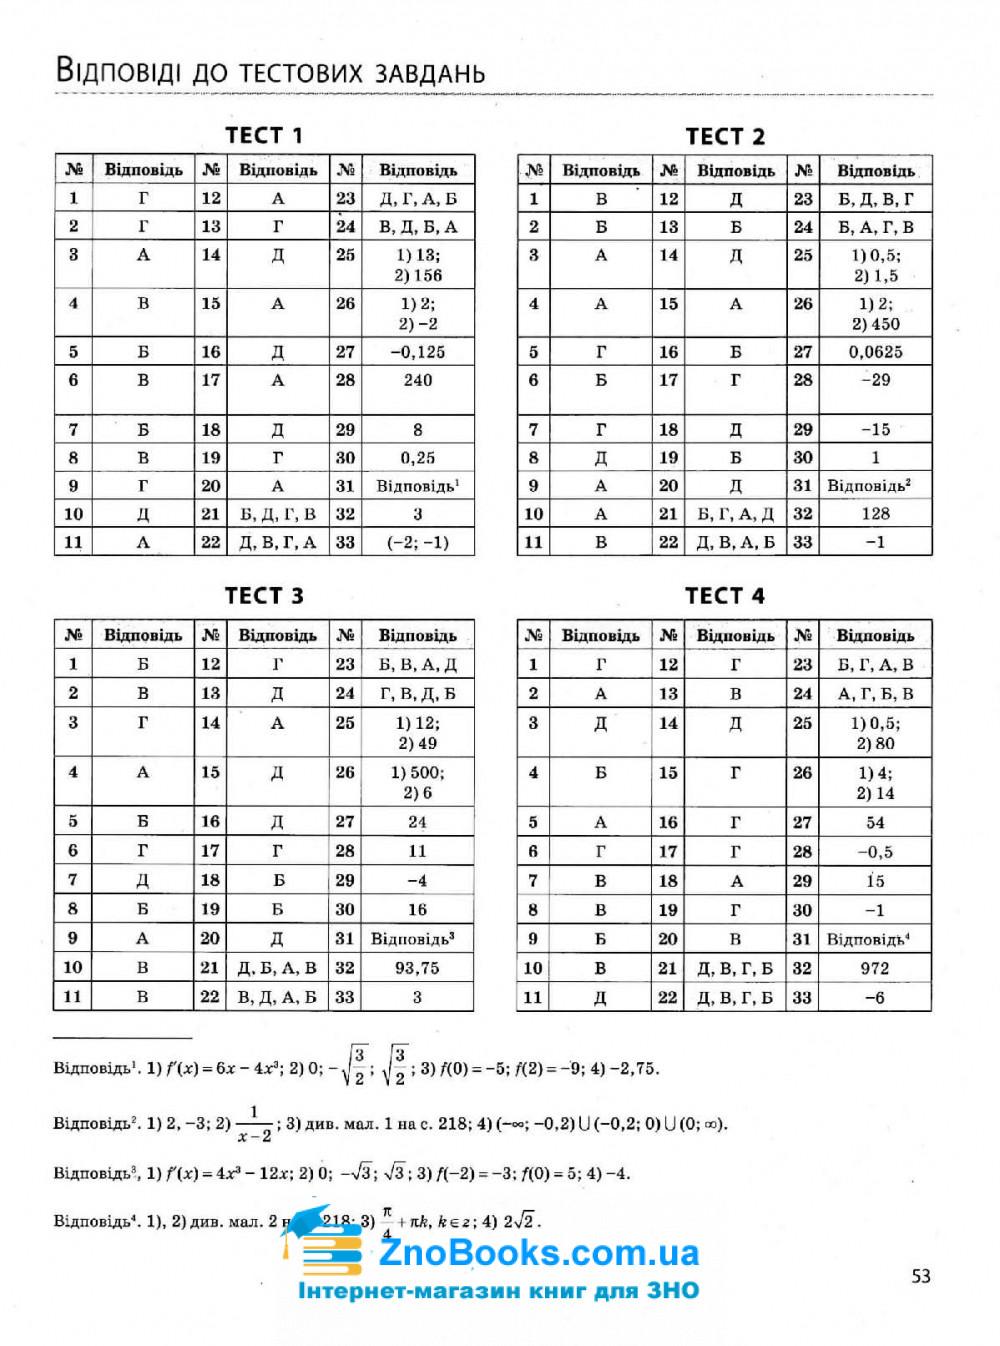 Бевз В. Математика . Тестові завдання у форматі ЗНО 2021. Освіта купити 9